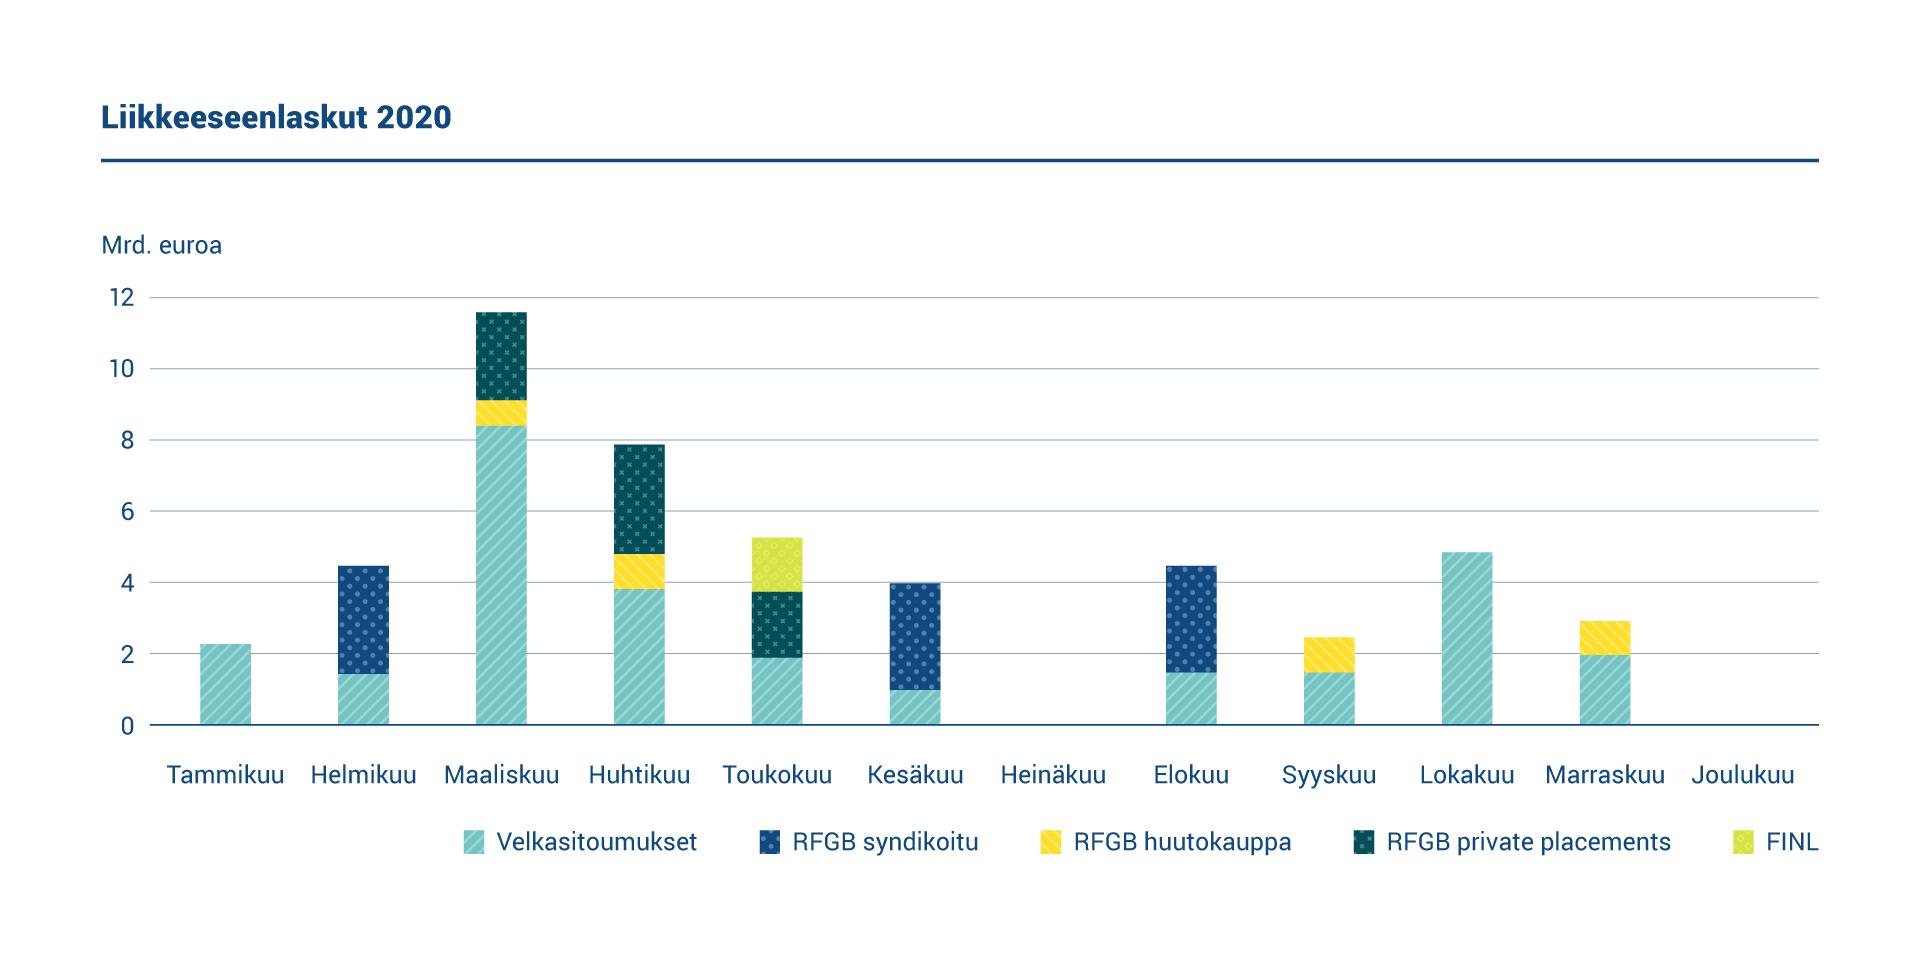 Kaaviossa esitetään liikkeeseenlaskut vuonna 2020. Suomi laski liikkeeseen kolme uutta euromääräistä viitelainaa ja järjesti neljä viitelainahuutokauppaa. Lyhytaikainen rahoitus toteutettiin laskemalla liikkeeseen valtion velkasitoumuksia.